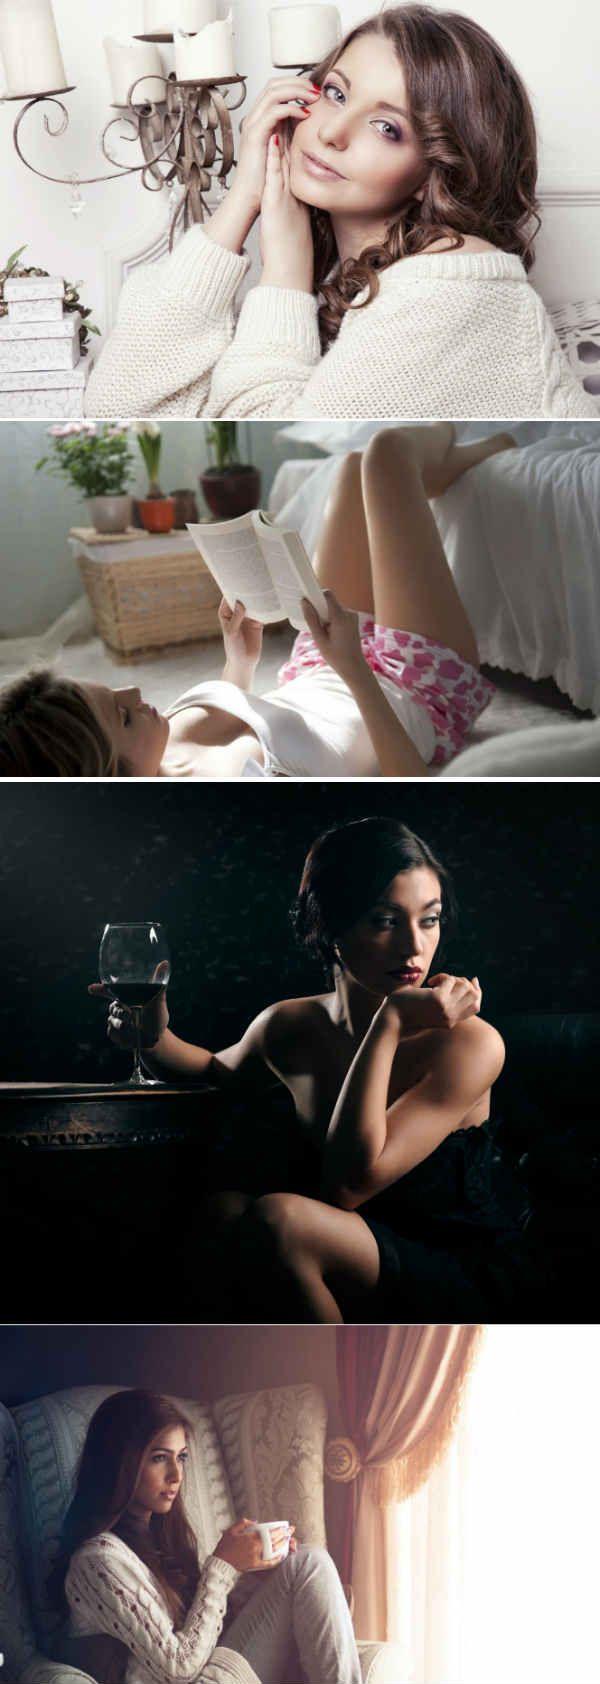 Романтическая фотосессия для девушки дома фото